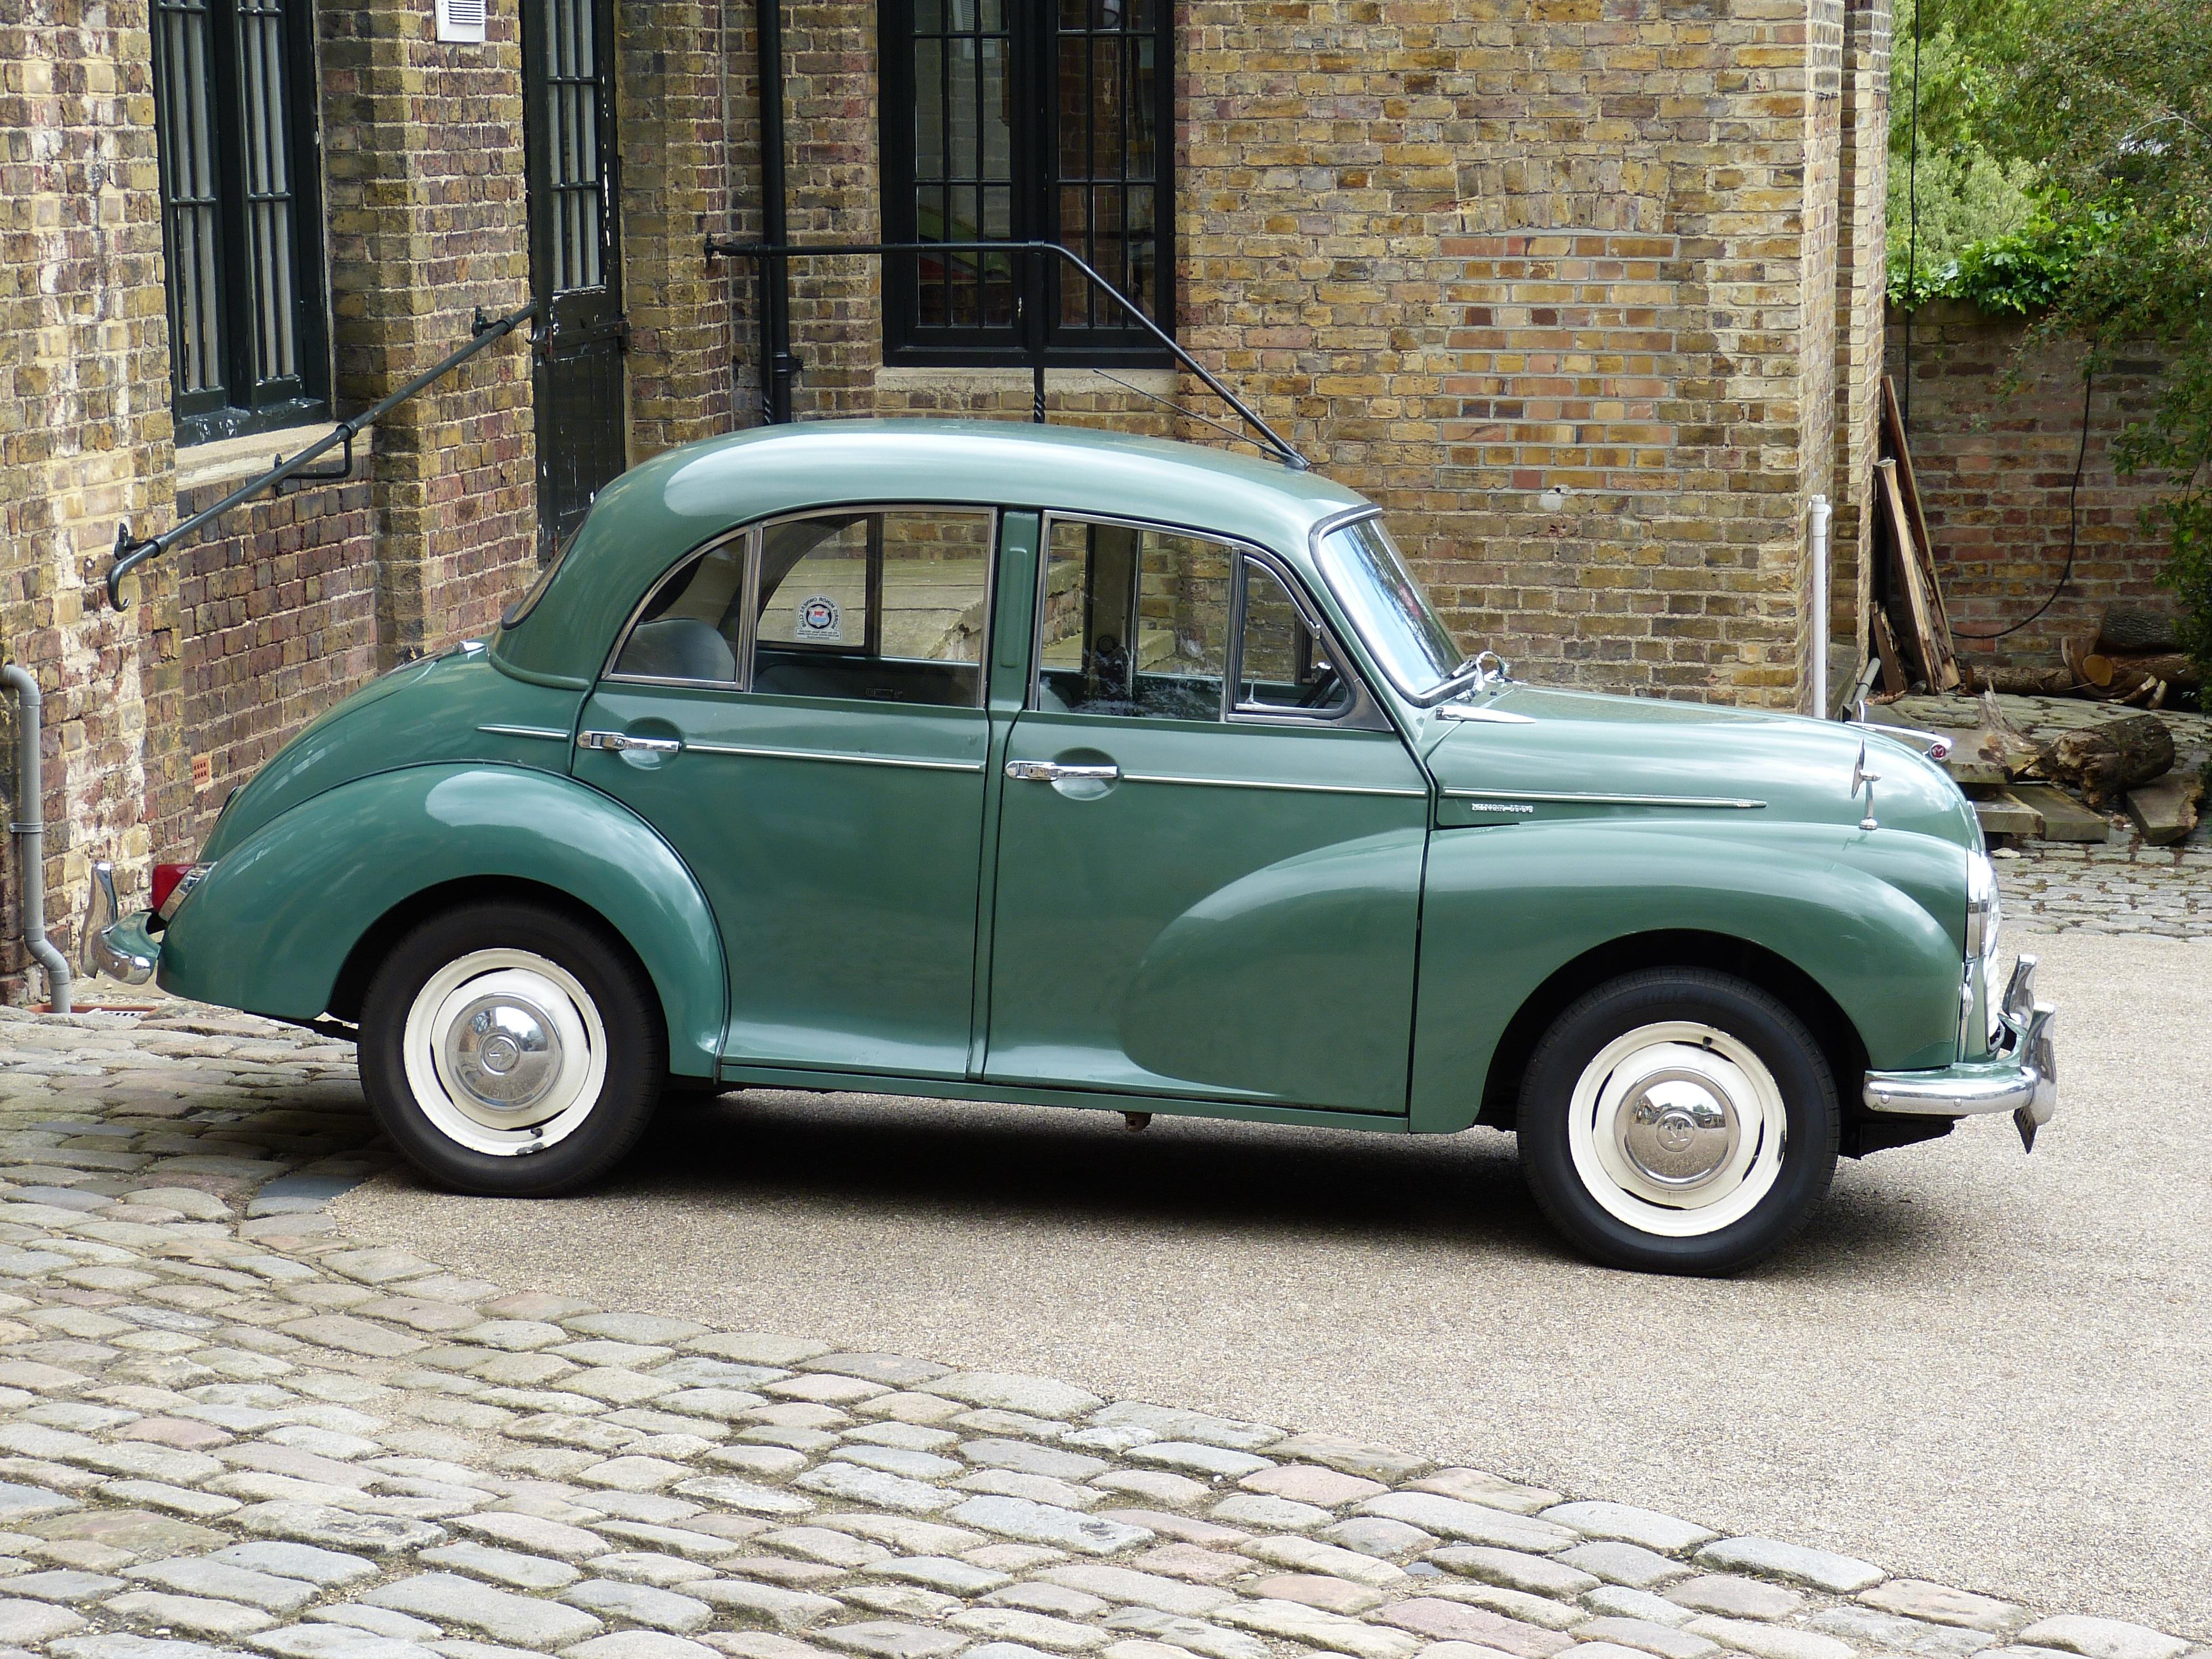 Free Images : auto, classic car, automotive, vintage car, england ...